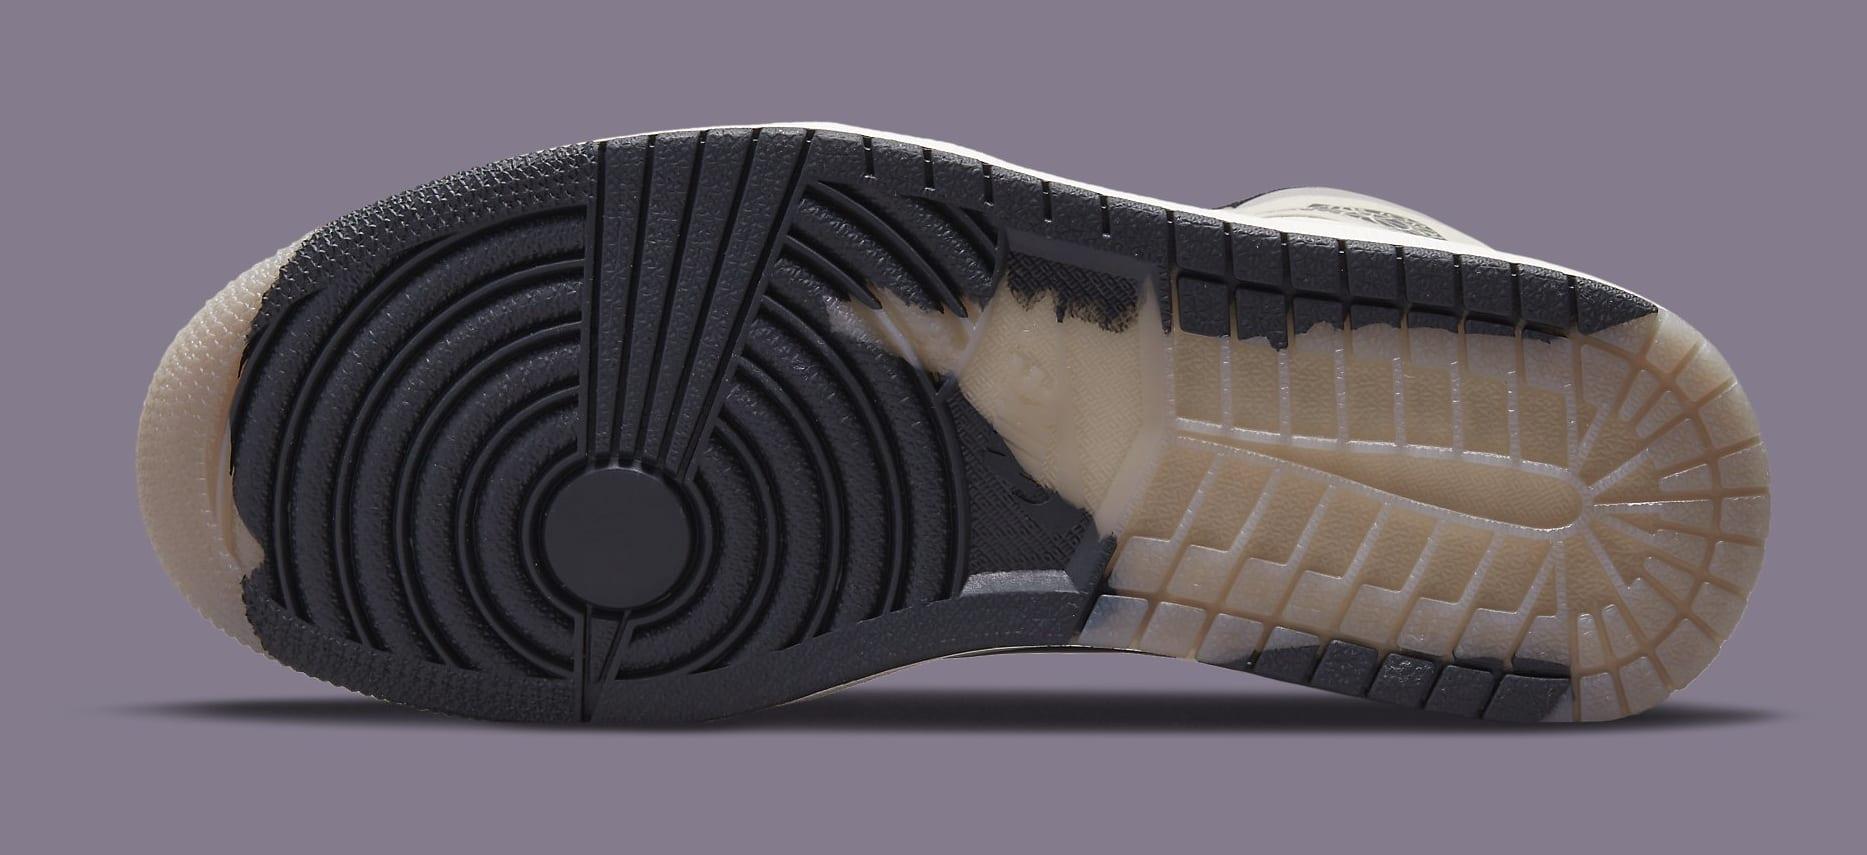 Air Jordan 1 High Gore-Tex 'Light Bone' DB2889 100 Outsole